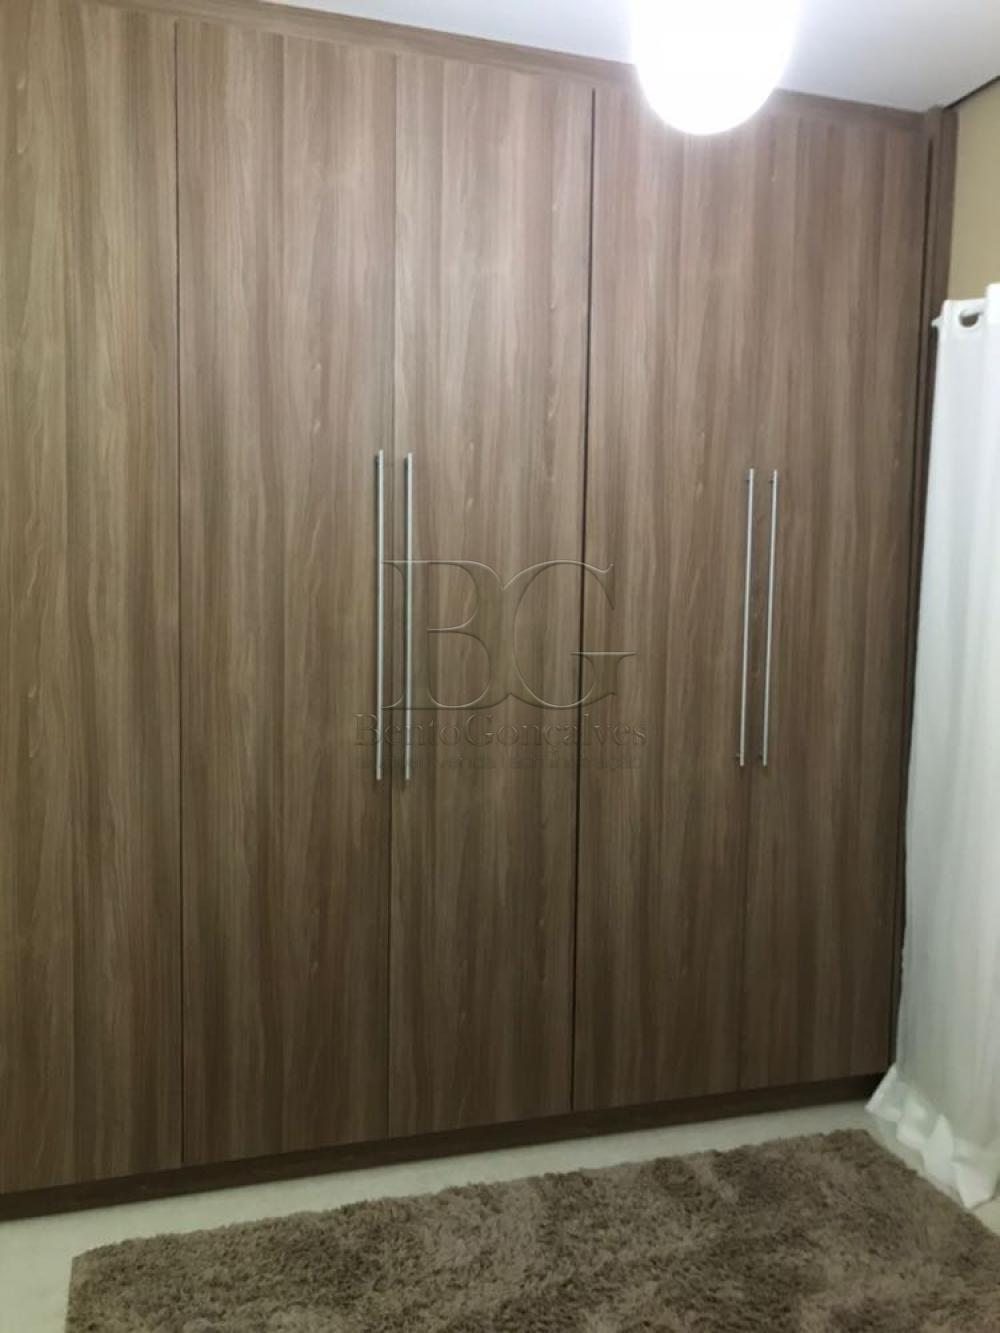 Comprar Casas / Padrão em Poços de Caldas apenas R$ 290.000,00 - Foto 21